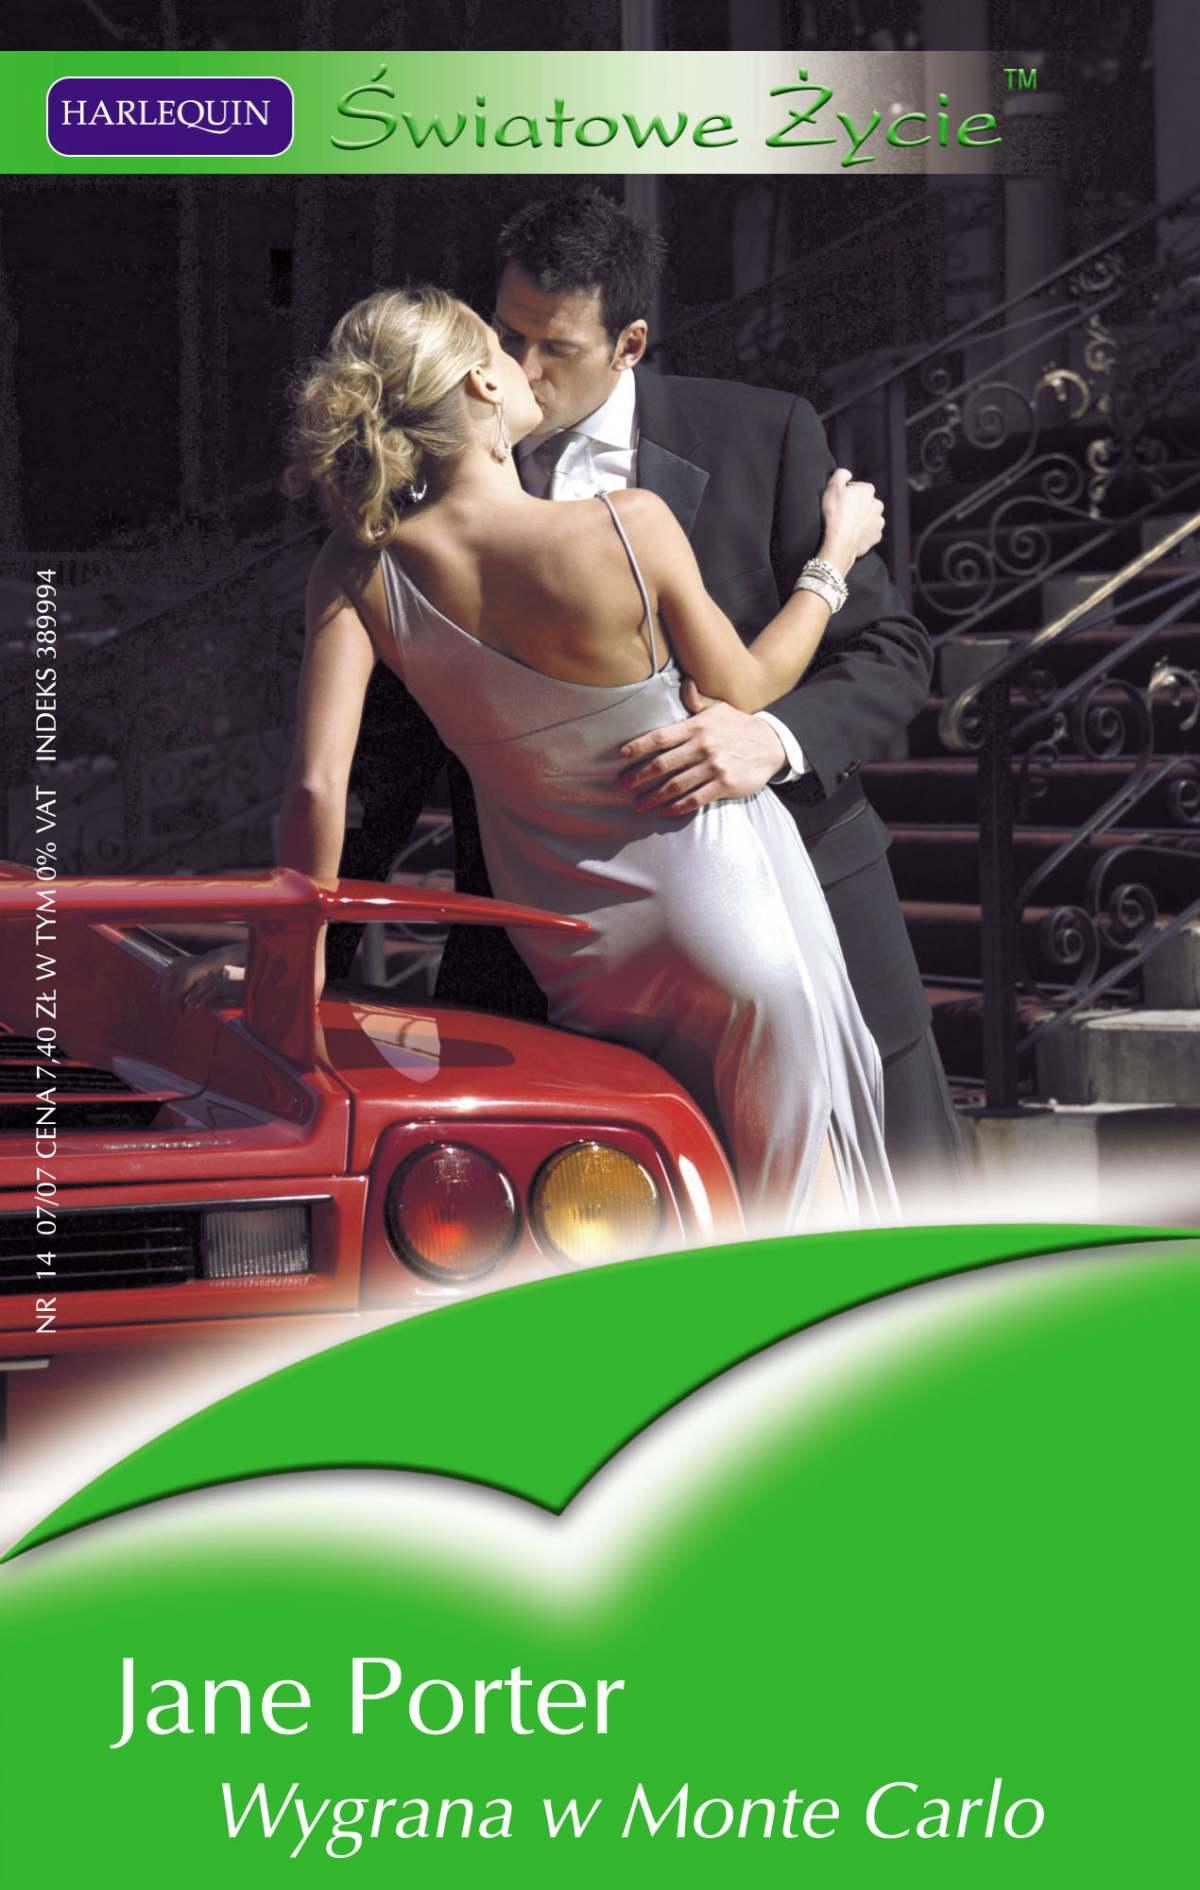 Wygrana w Monte Carlo - Ebook (Książka PDF) do pobrania w formacie PDF